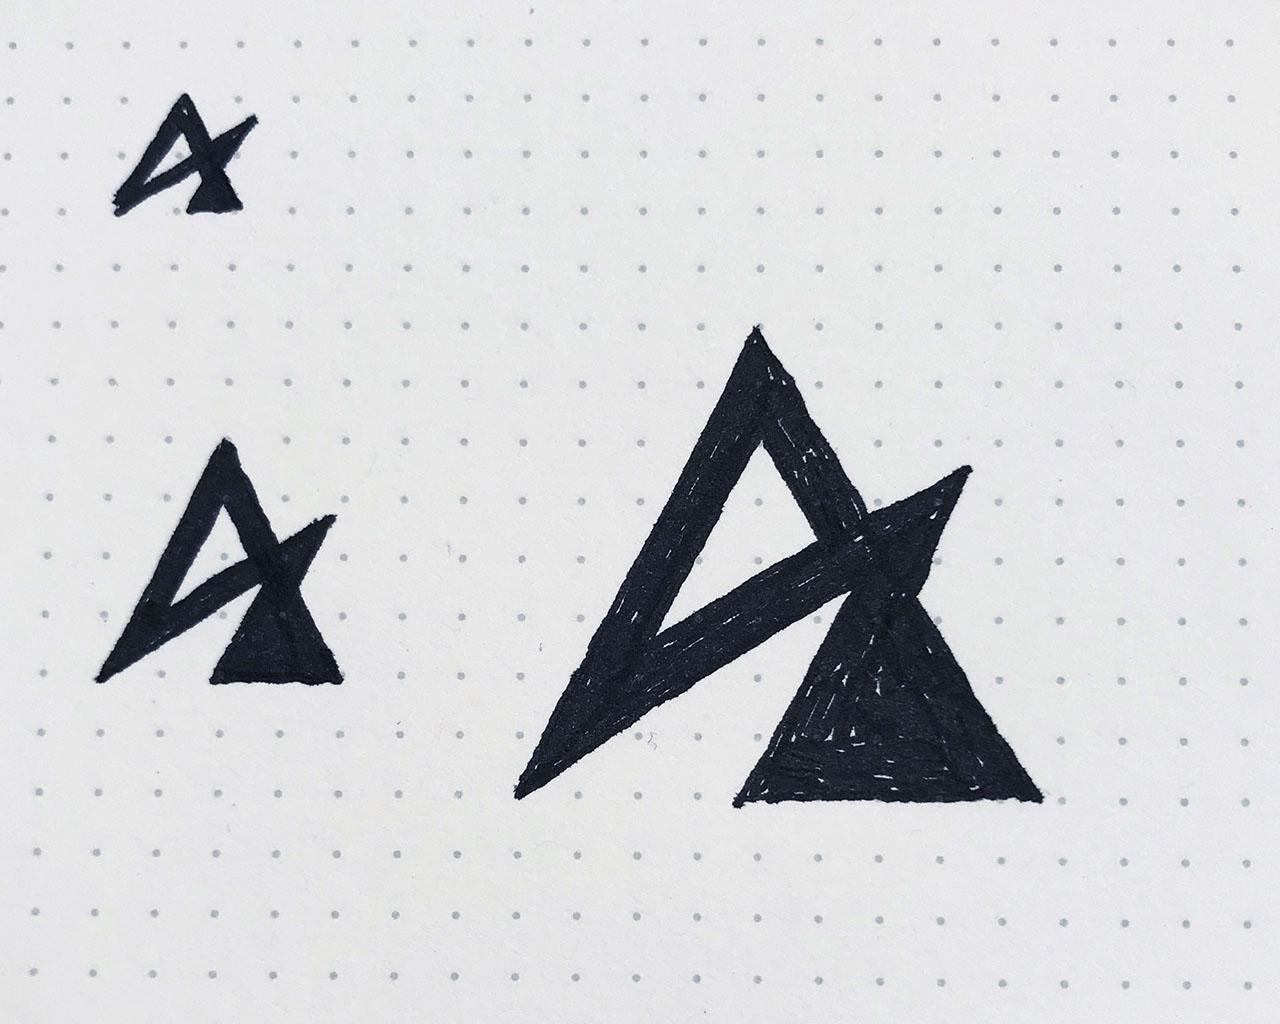 ASCEND logo sketches in sketchbook